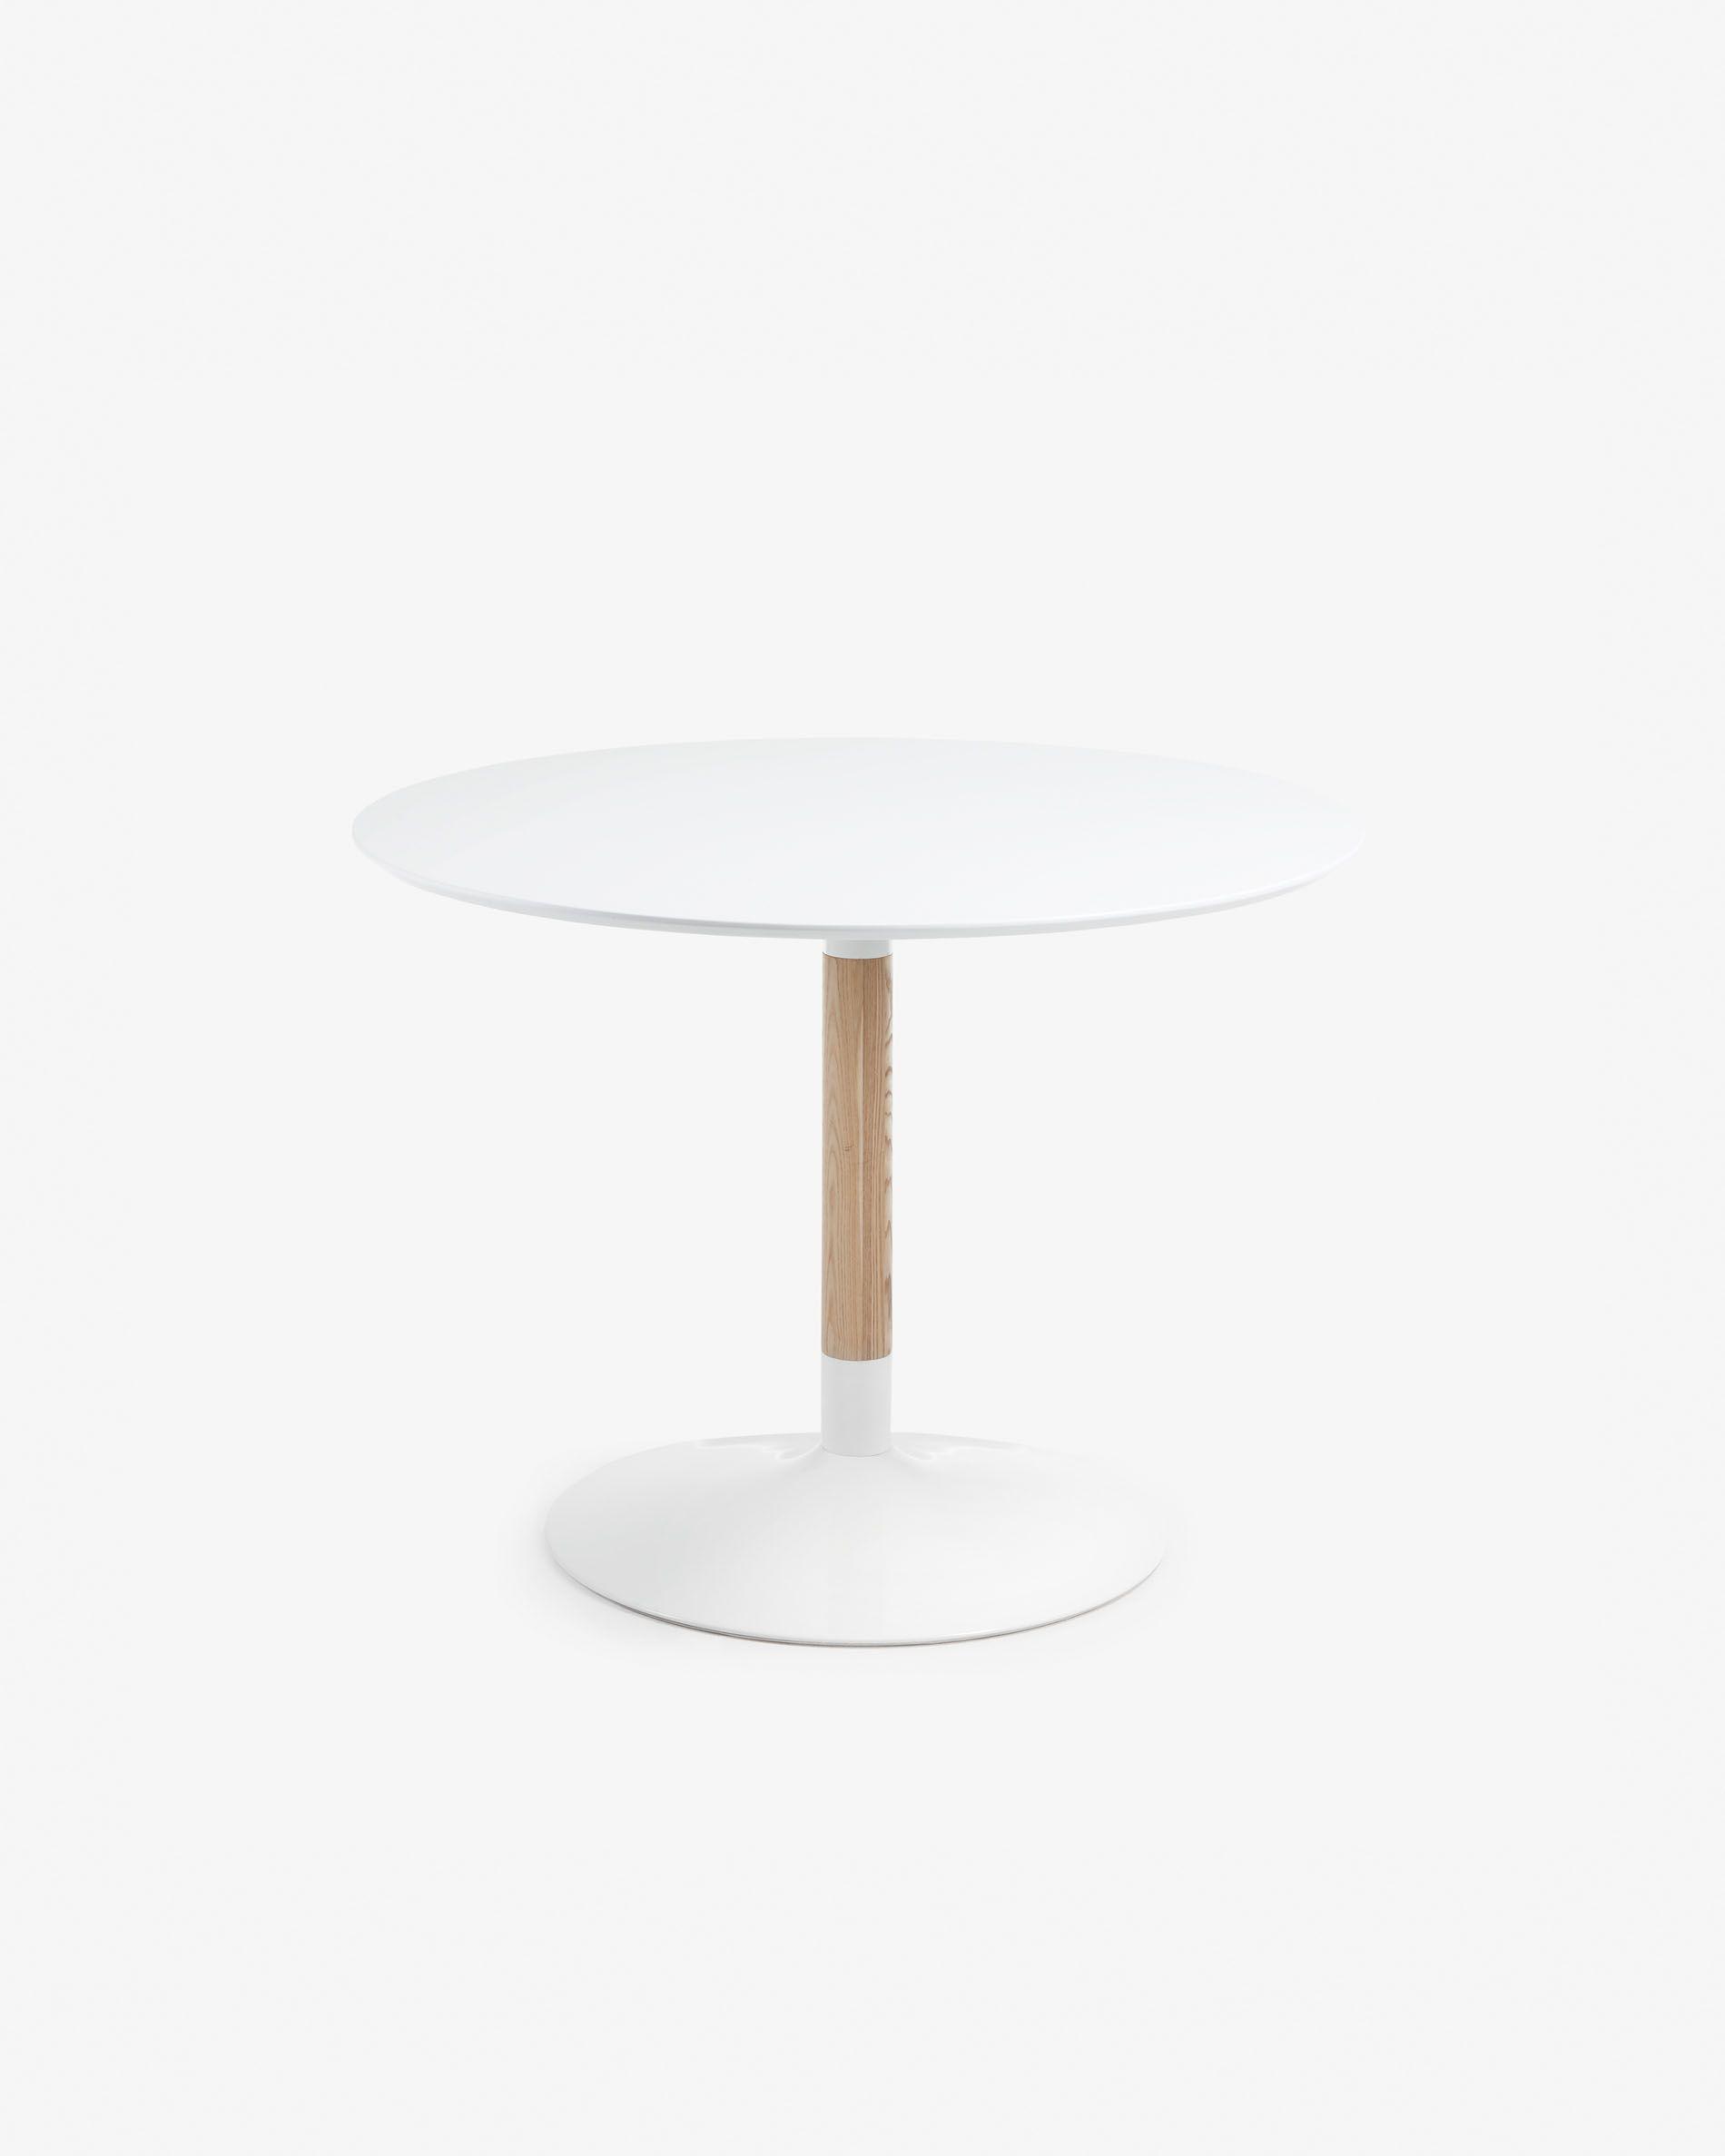 in legno di frassino e acciaio in bianco Kave Home Tavolo da pranzo Trick rotondo /Ø 110 cm bianco laccato con Fu